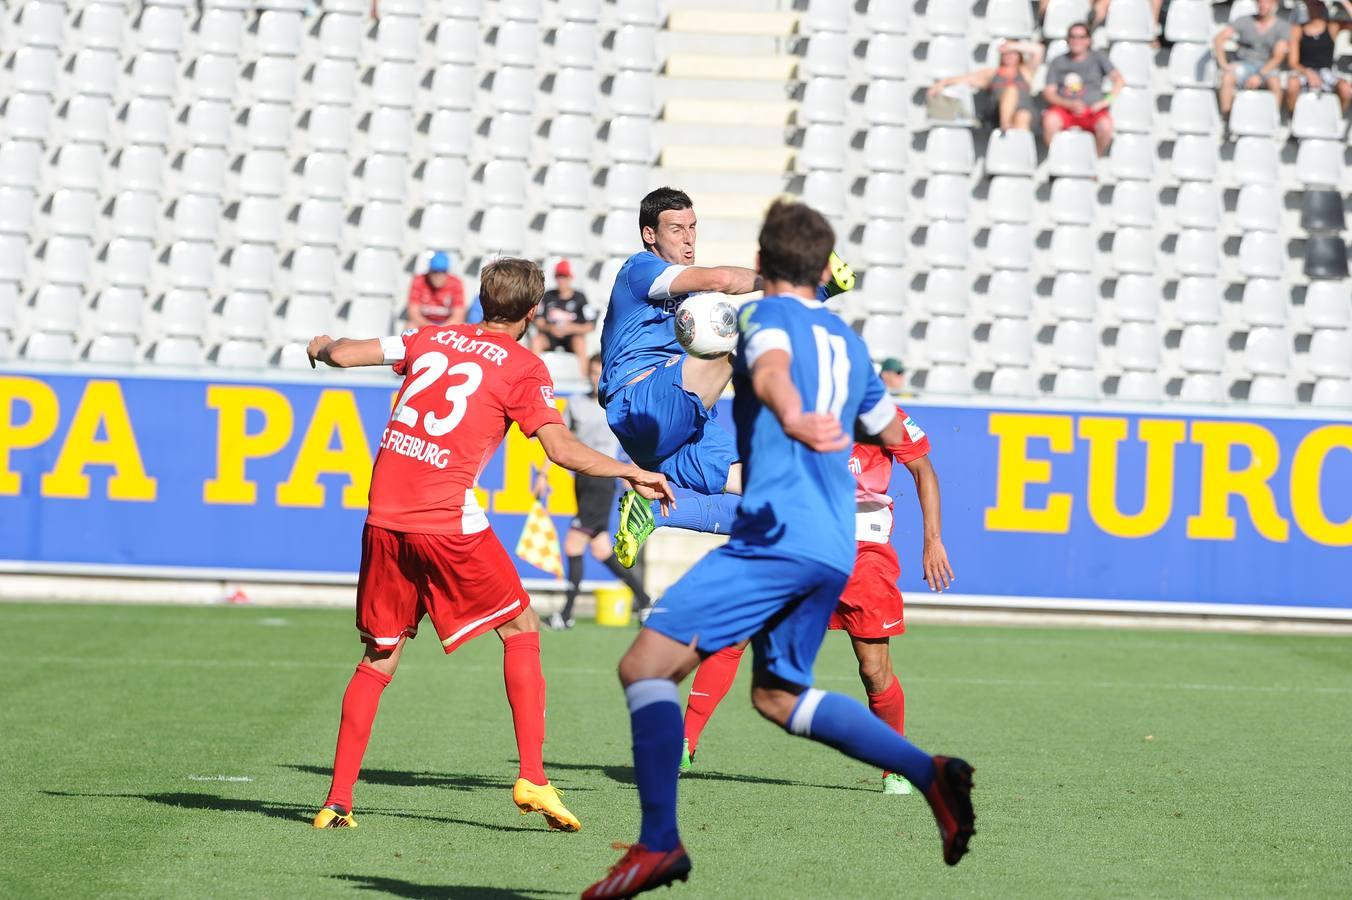 El Friburgo - Athletic, en imágenes